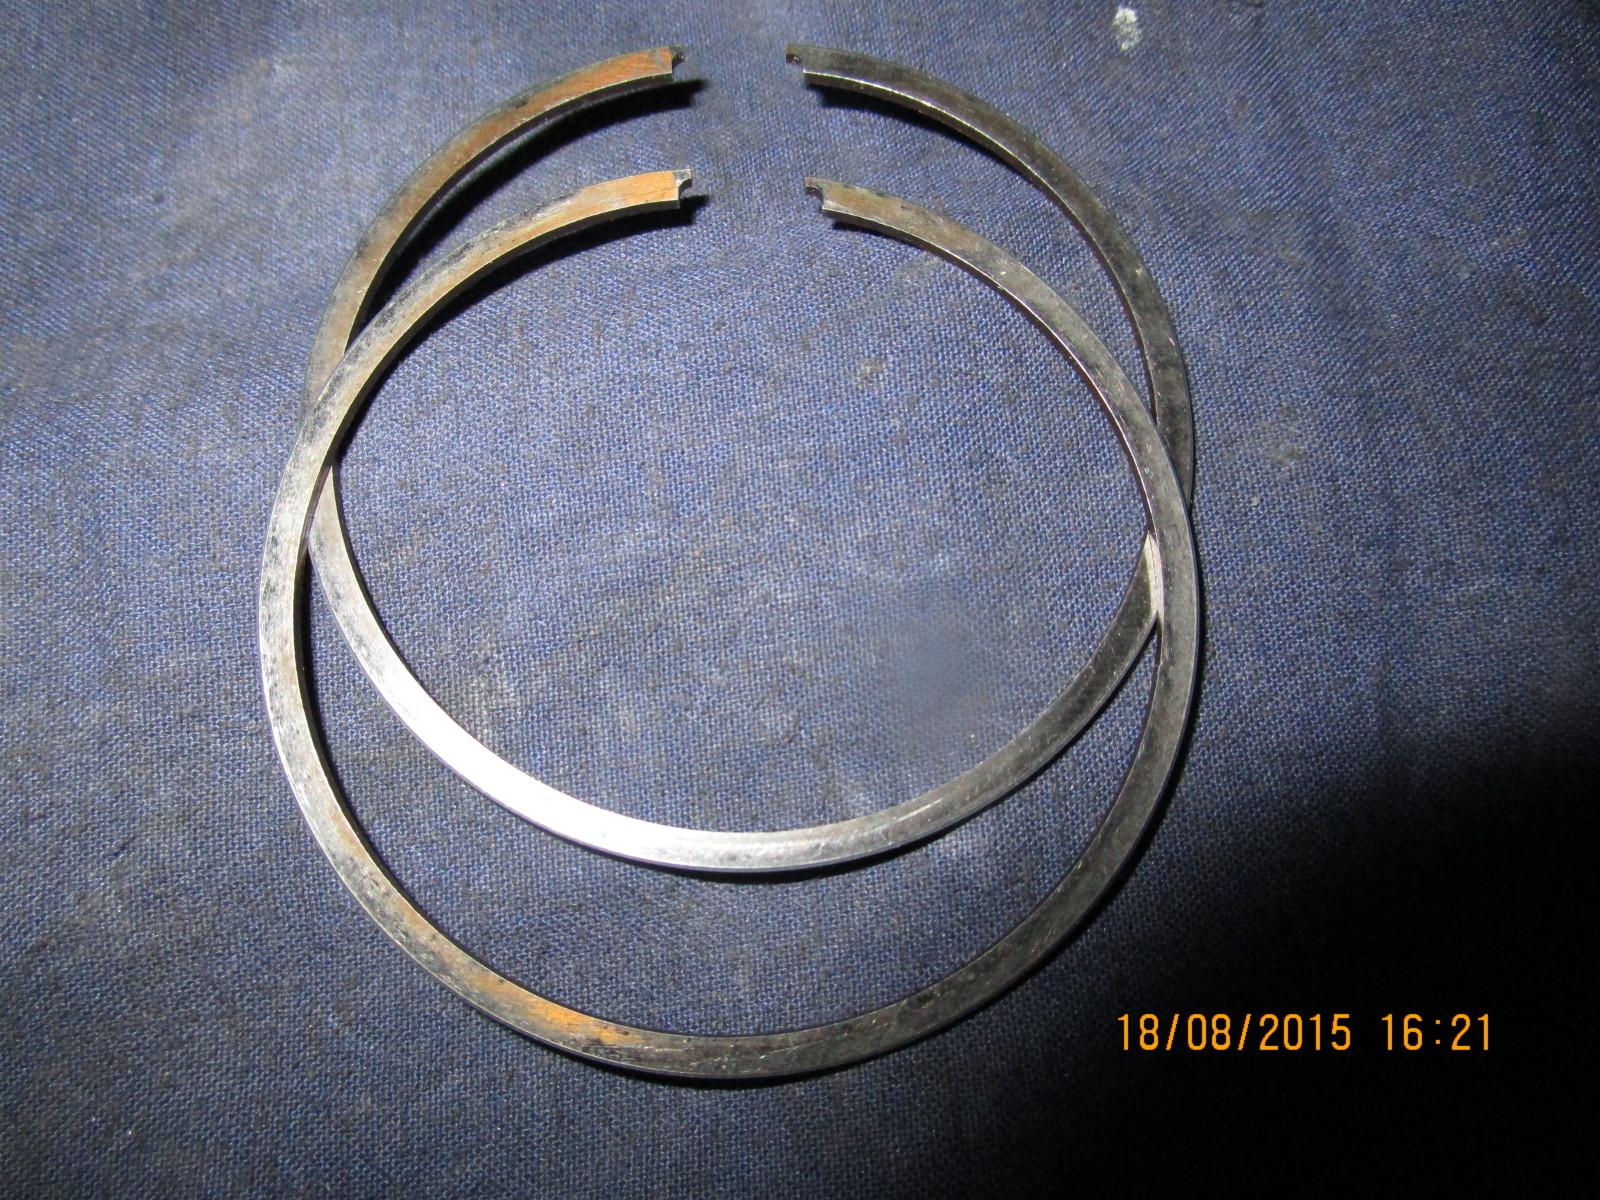 Problema de ralentí con los pistones Barikit-Cobra 25txkld